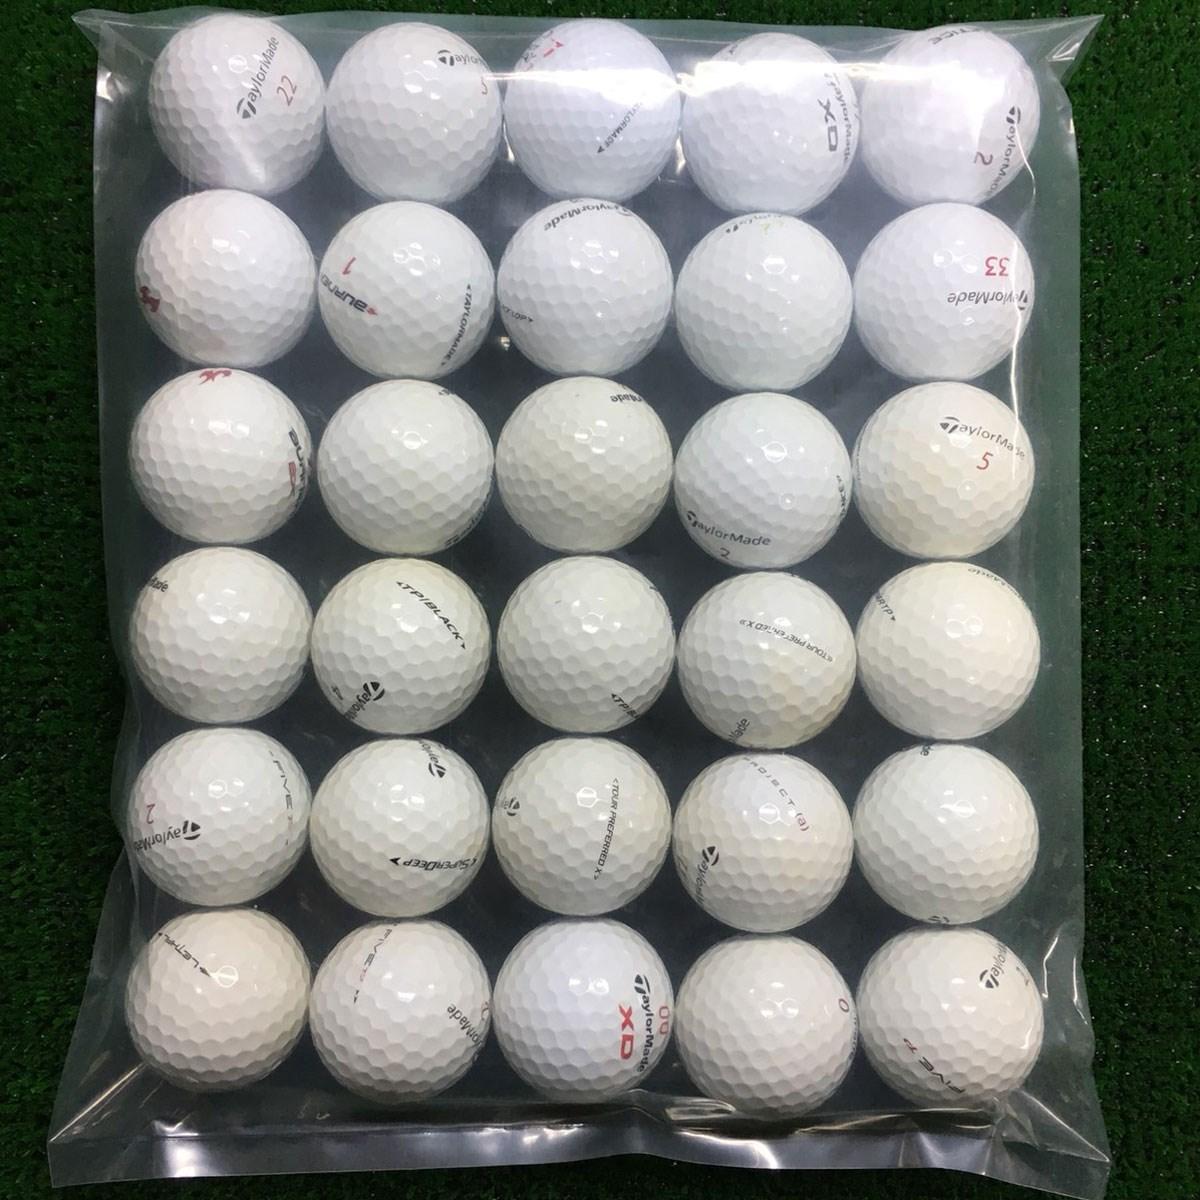 ロストボール Lost Ball テーラーメイド 混合 ボール 30個セット 30個入り ホワイト